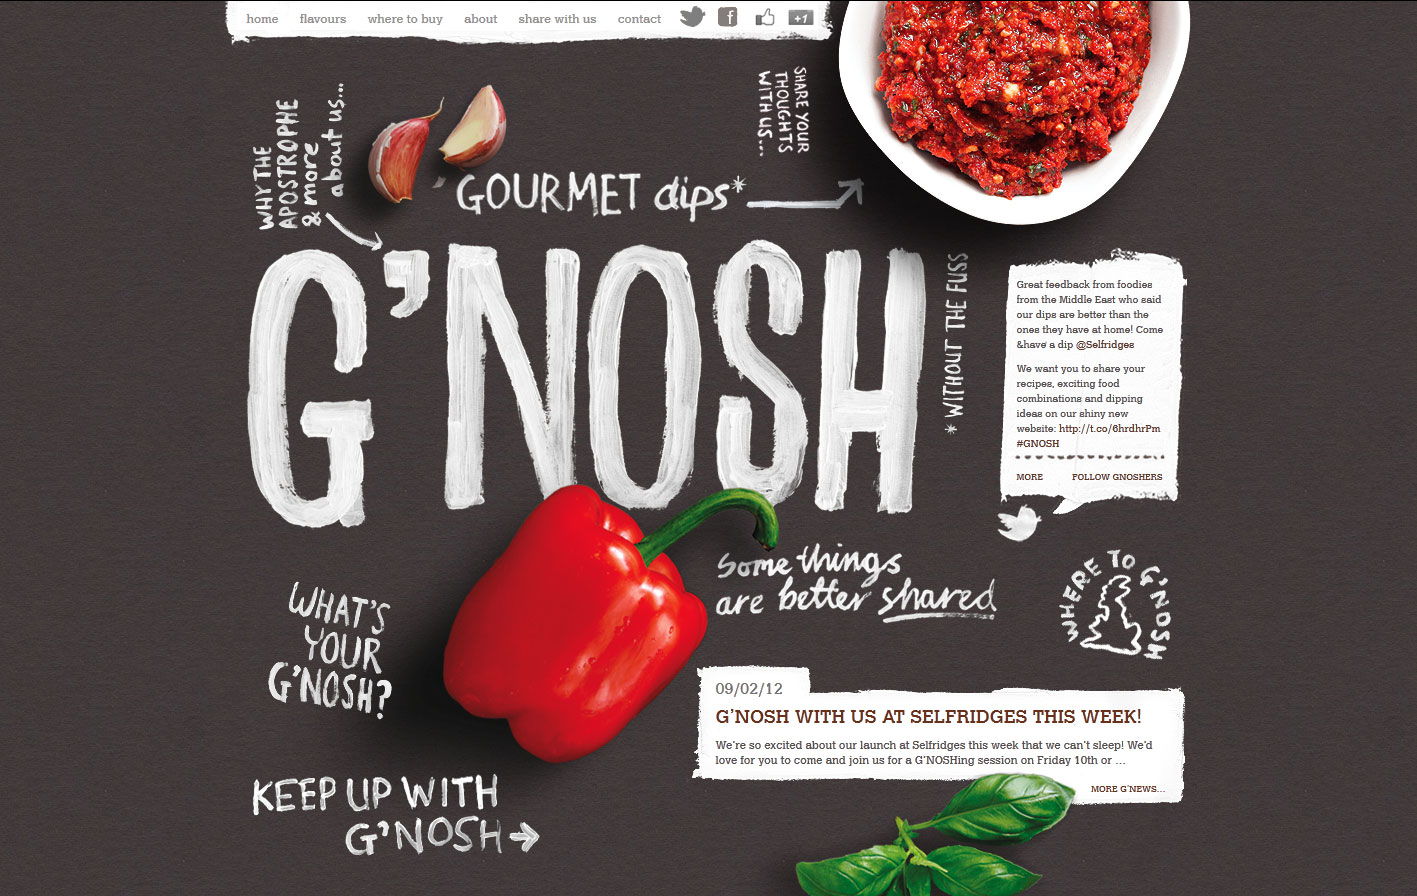 G'nosh Limited Website Screenshot